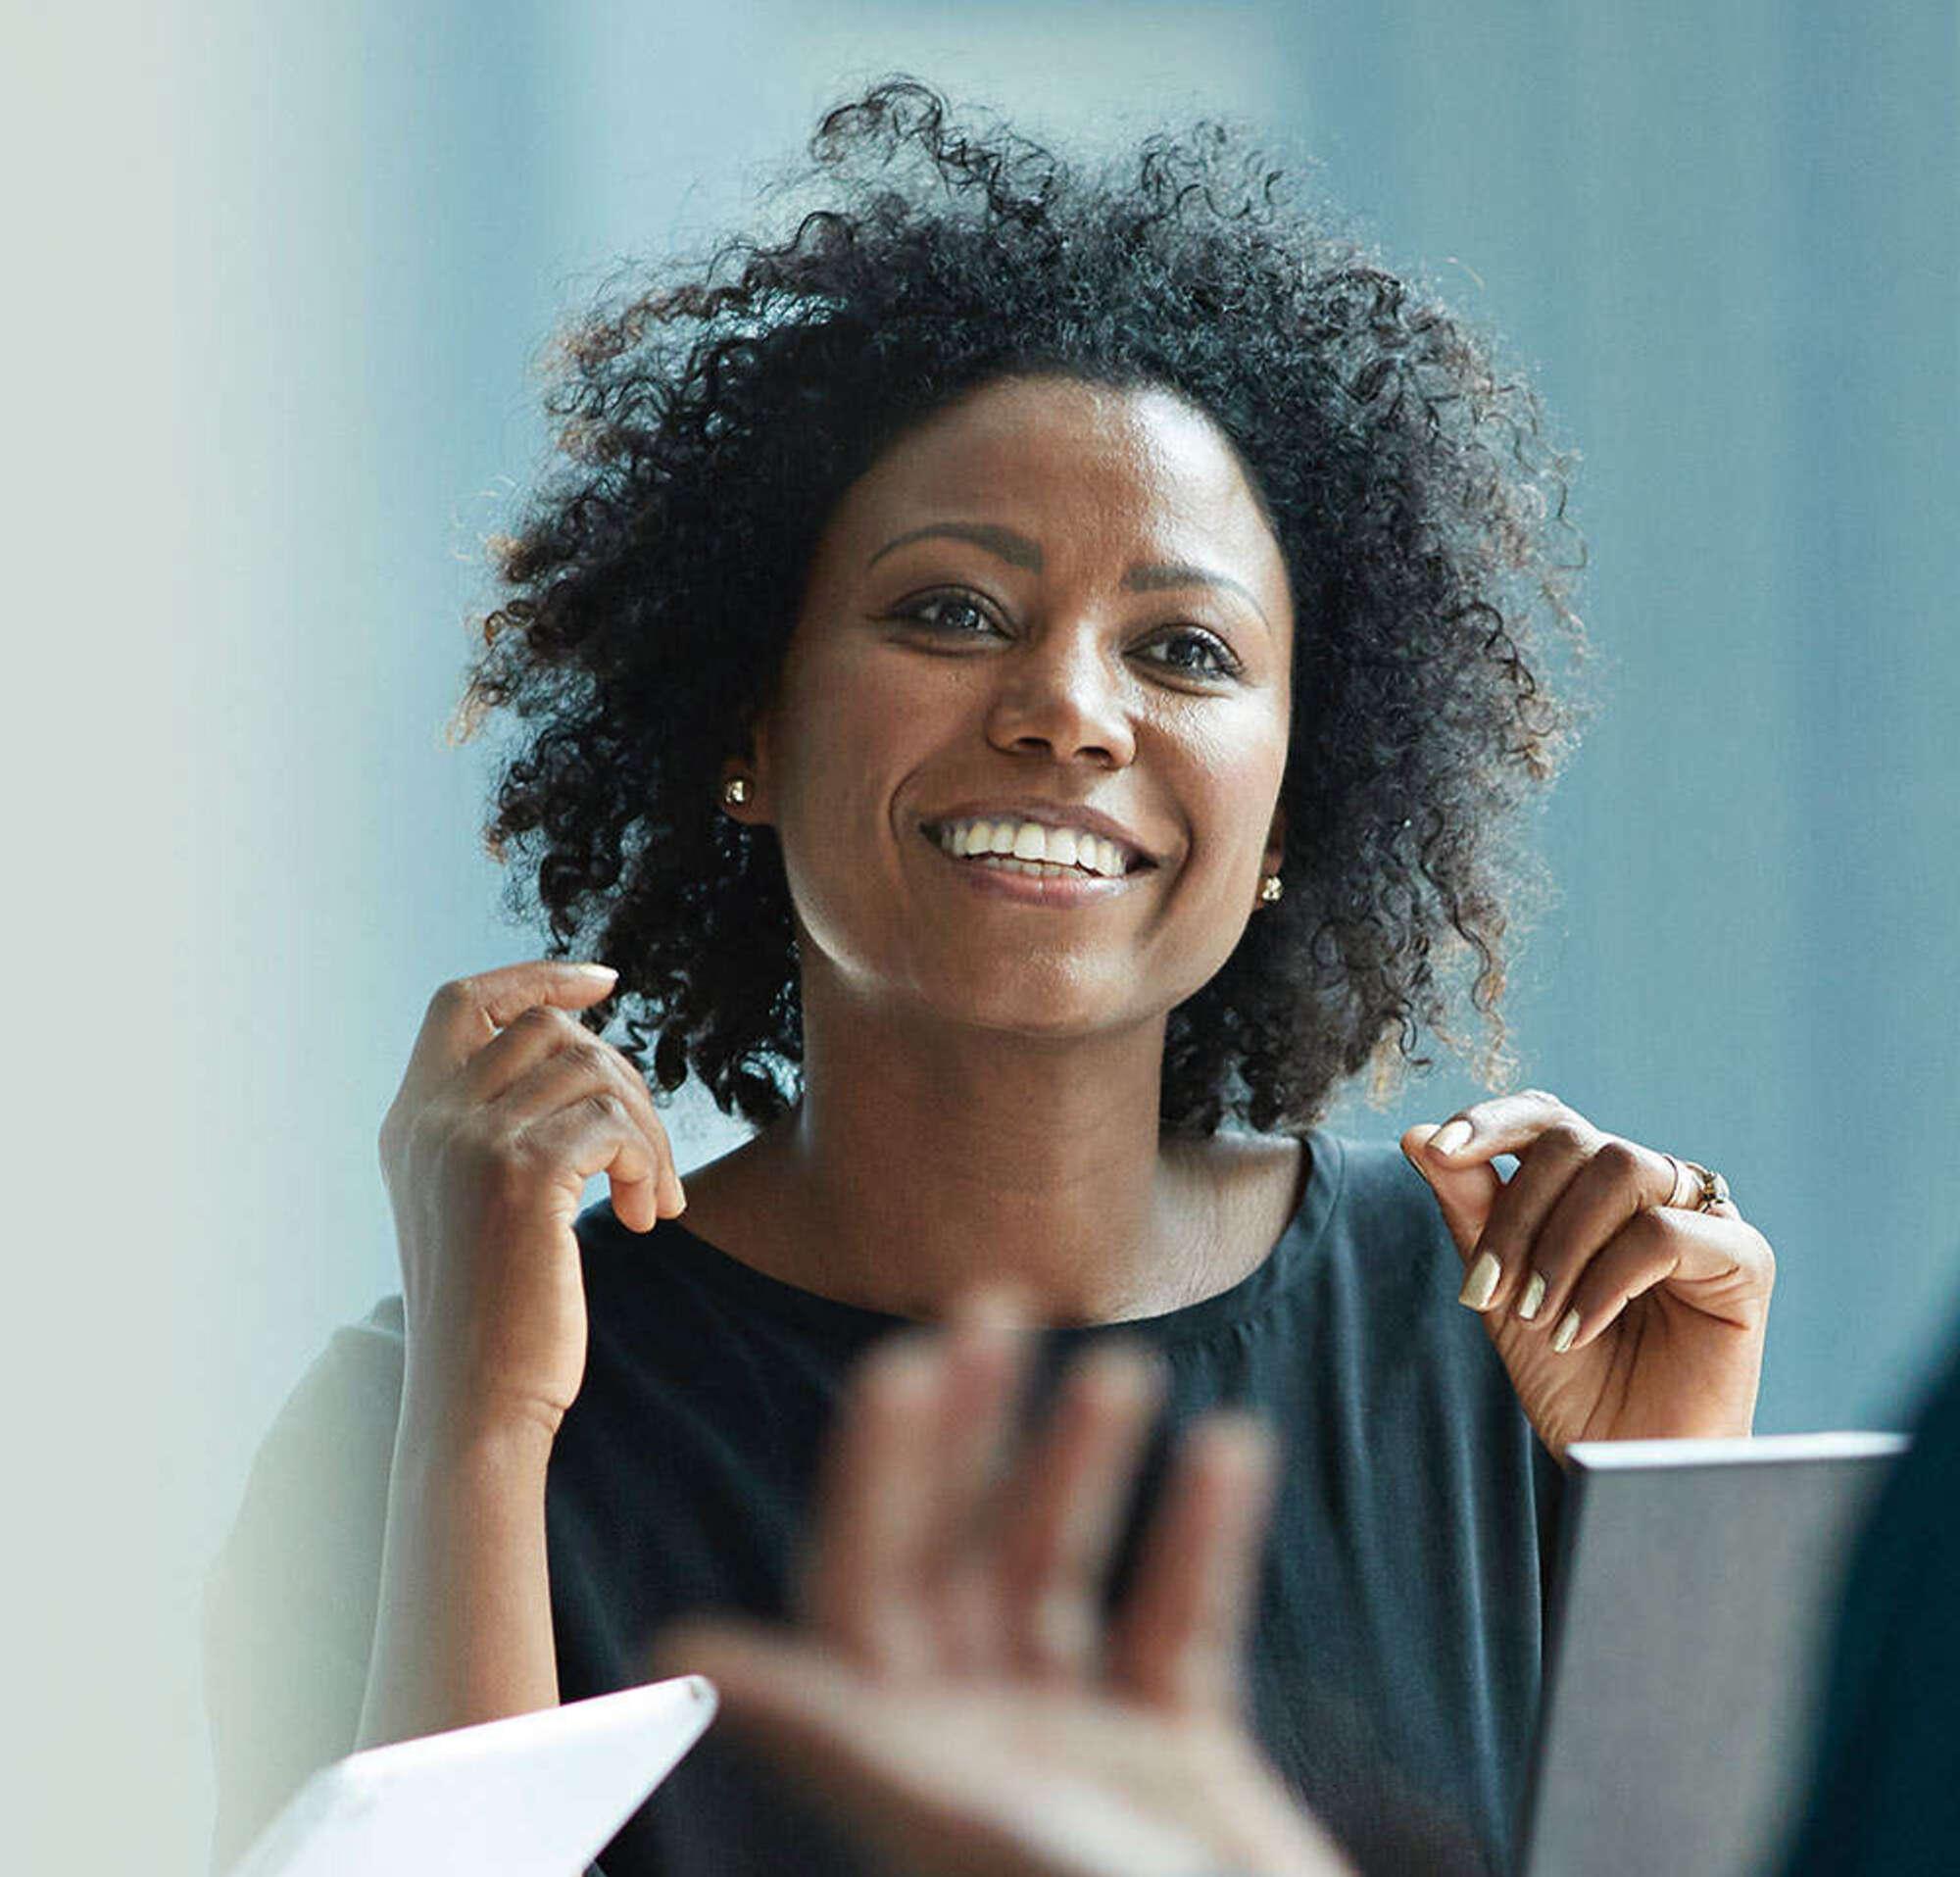 Deux collègues de travail partagent leur excitation après avoir atteint un objectif d'équipe.